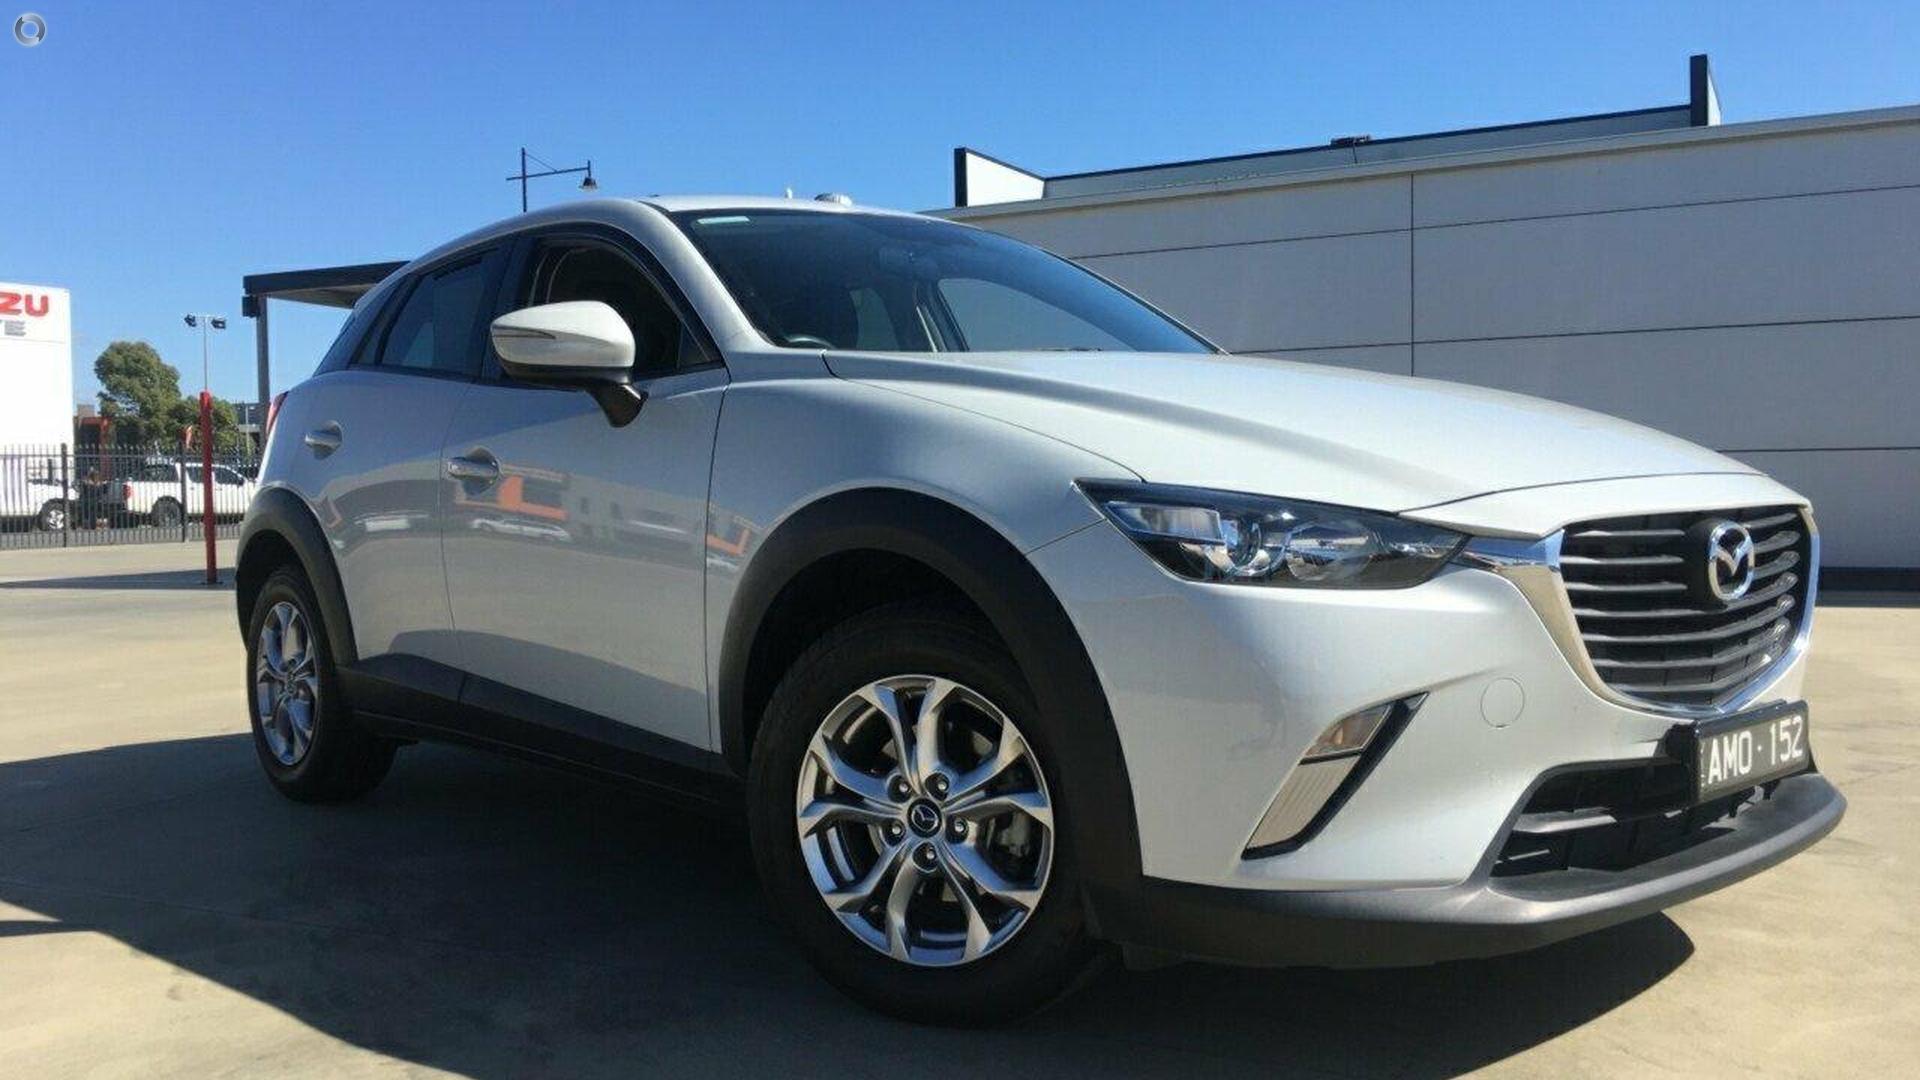 2016 Mazda Cx-3 Maxx DK